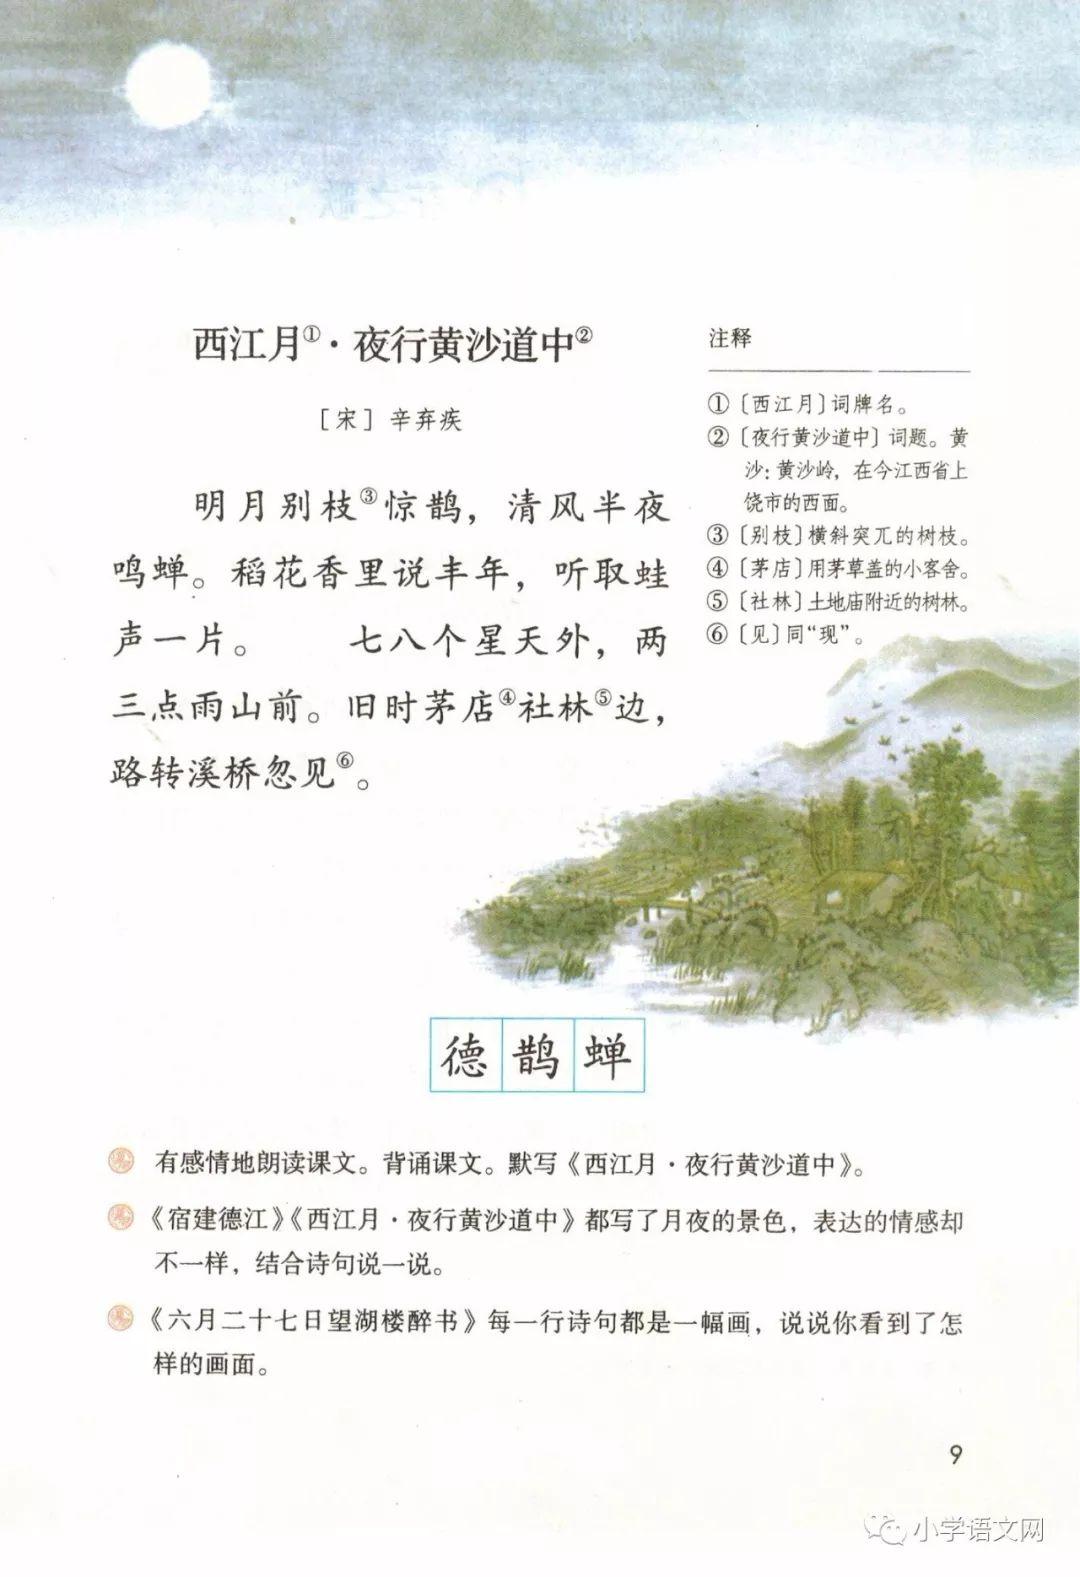 西江月·夜行黄沙道中(第14页)